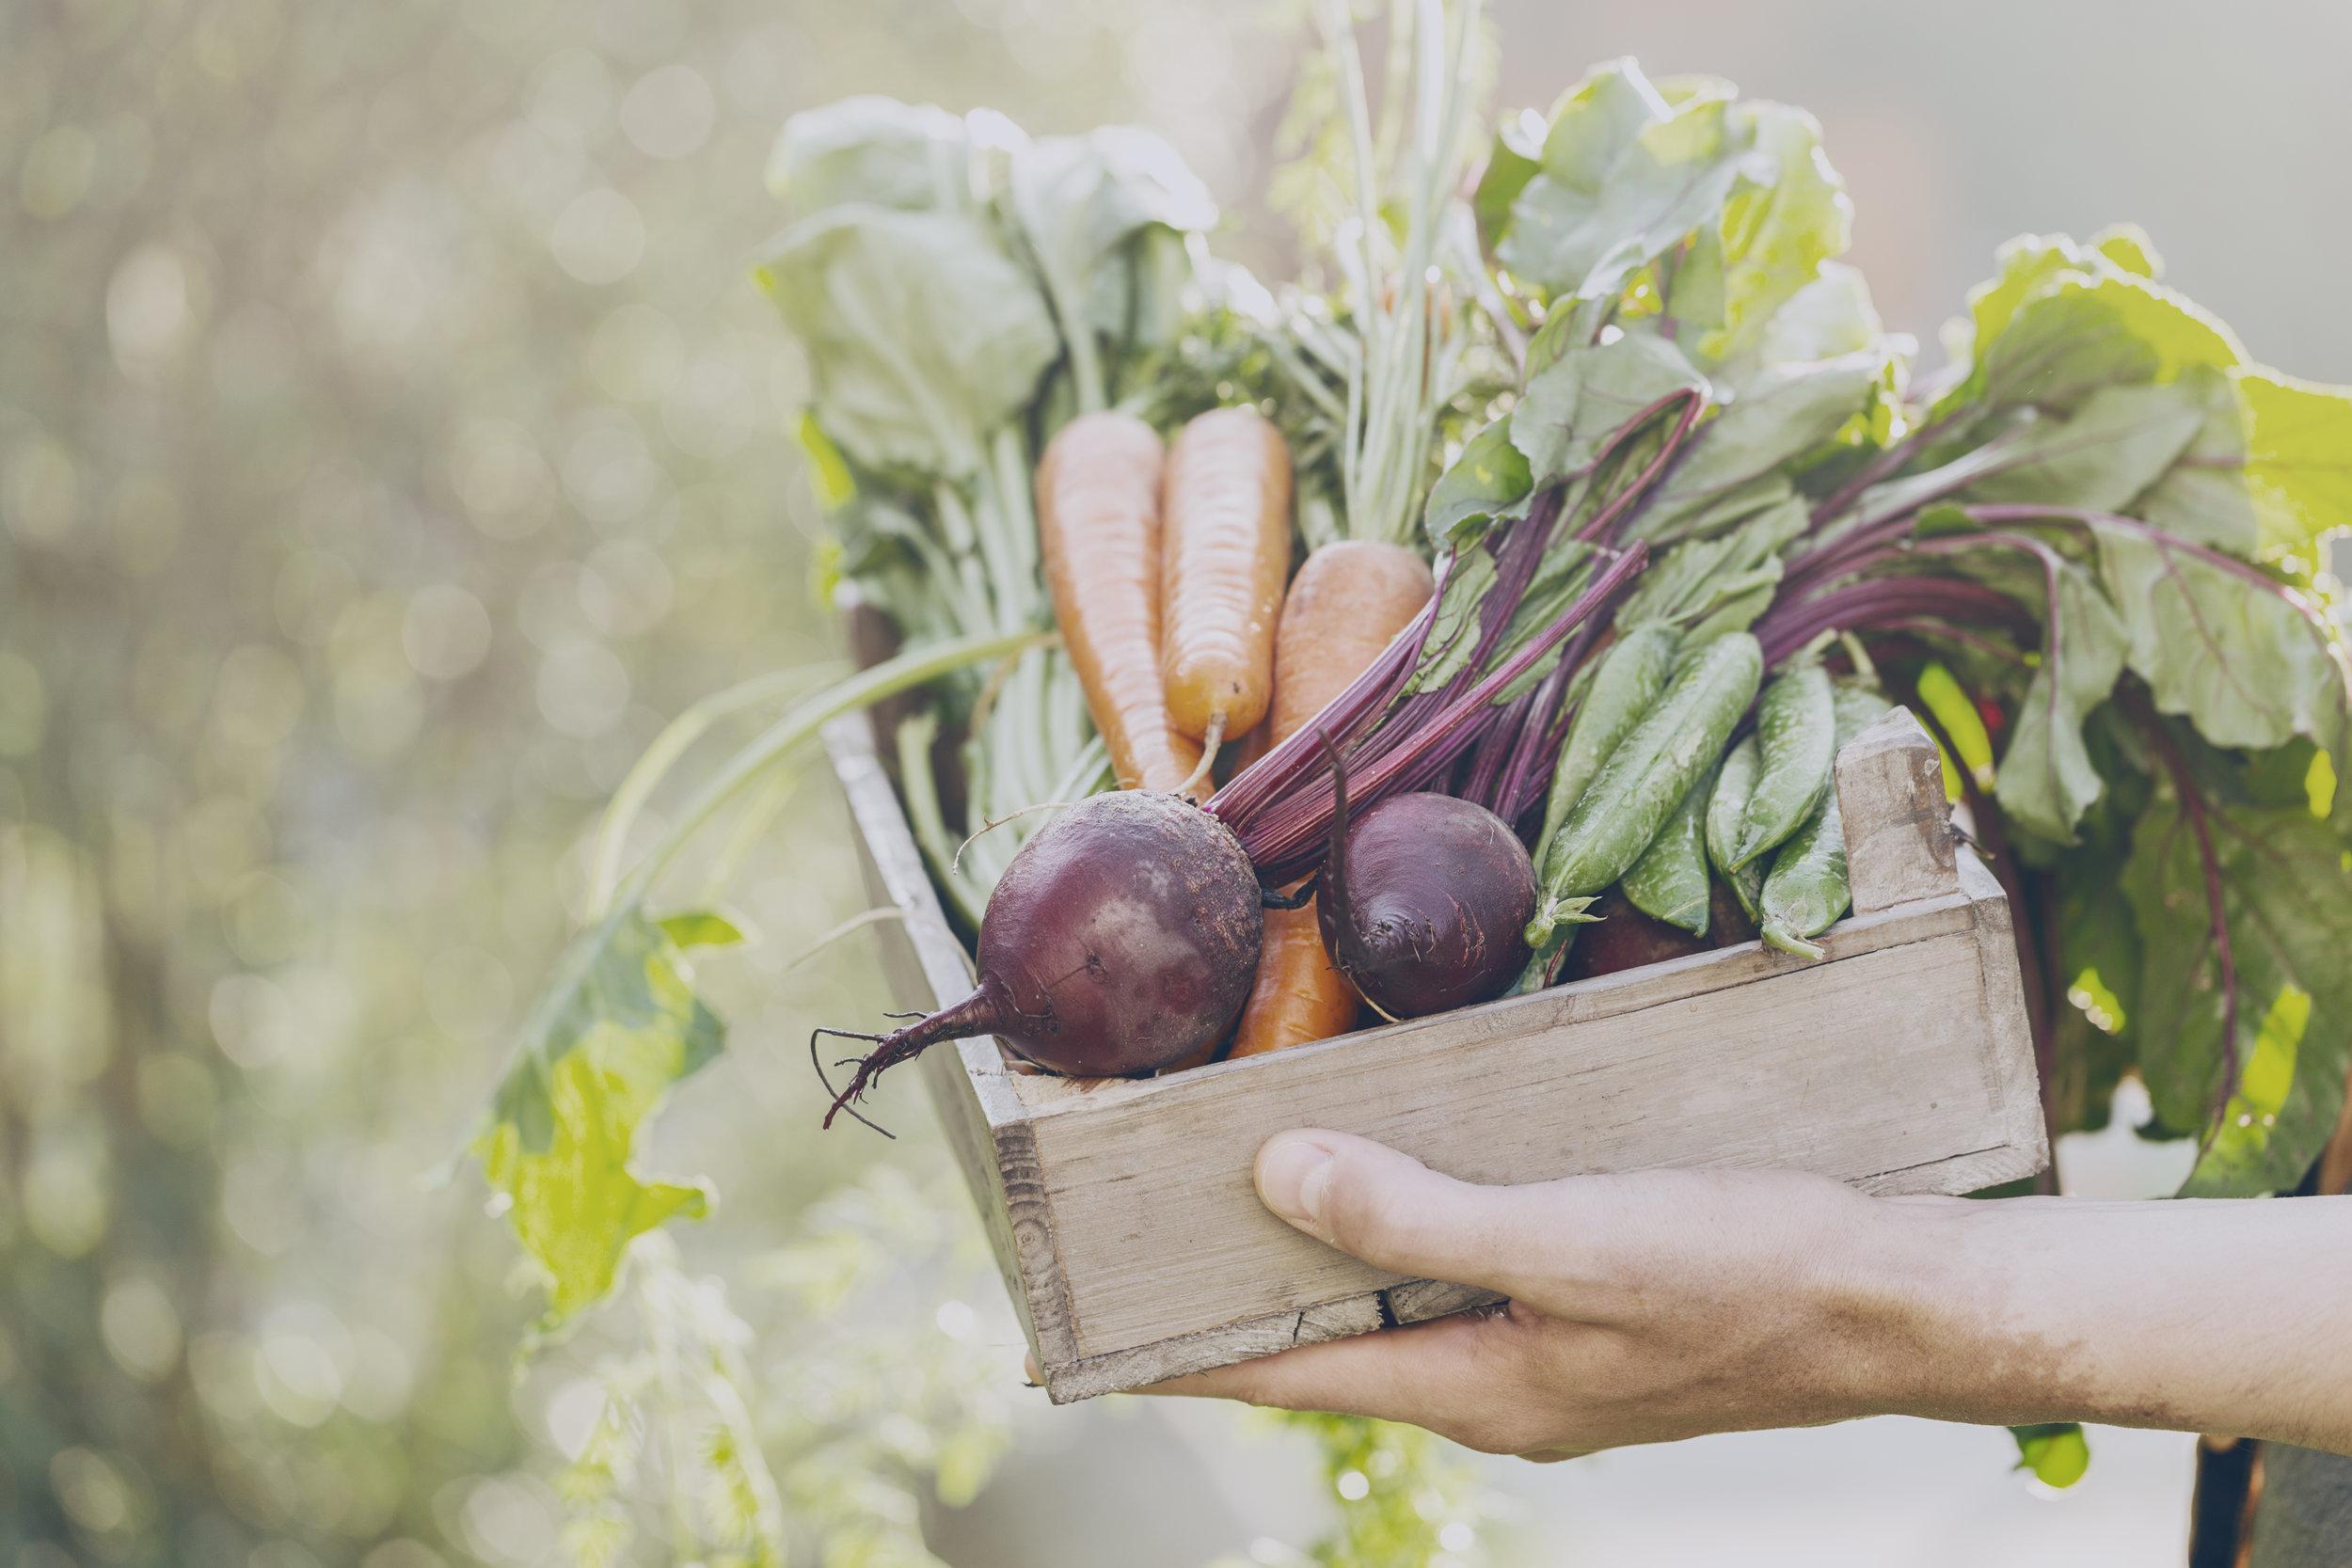 Box of Root veggies.jpg